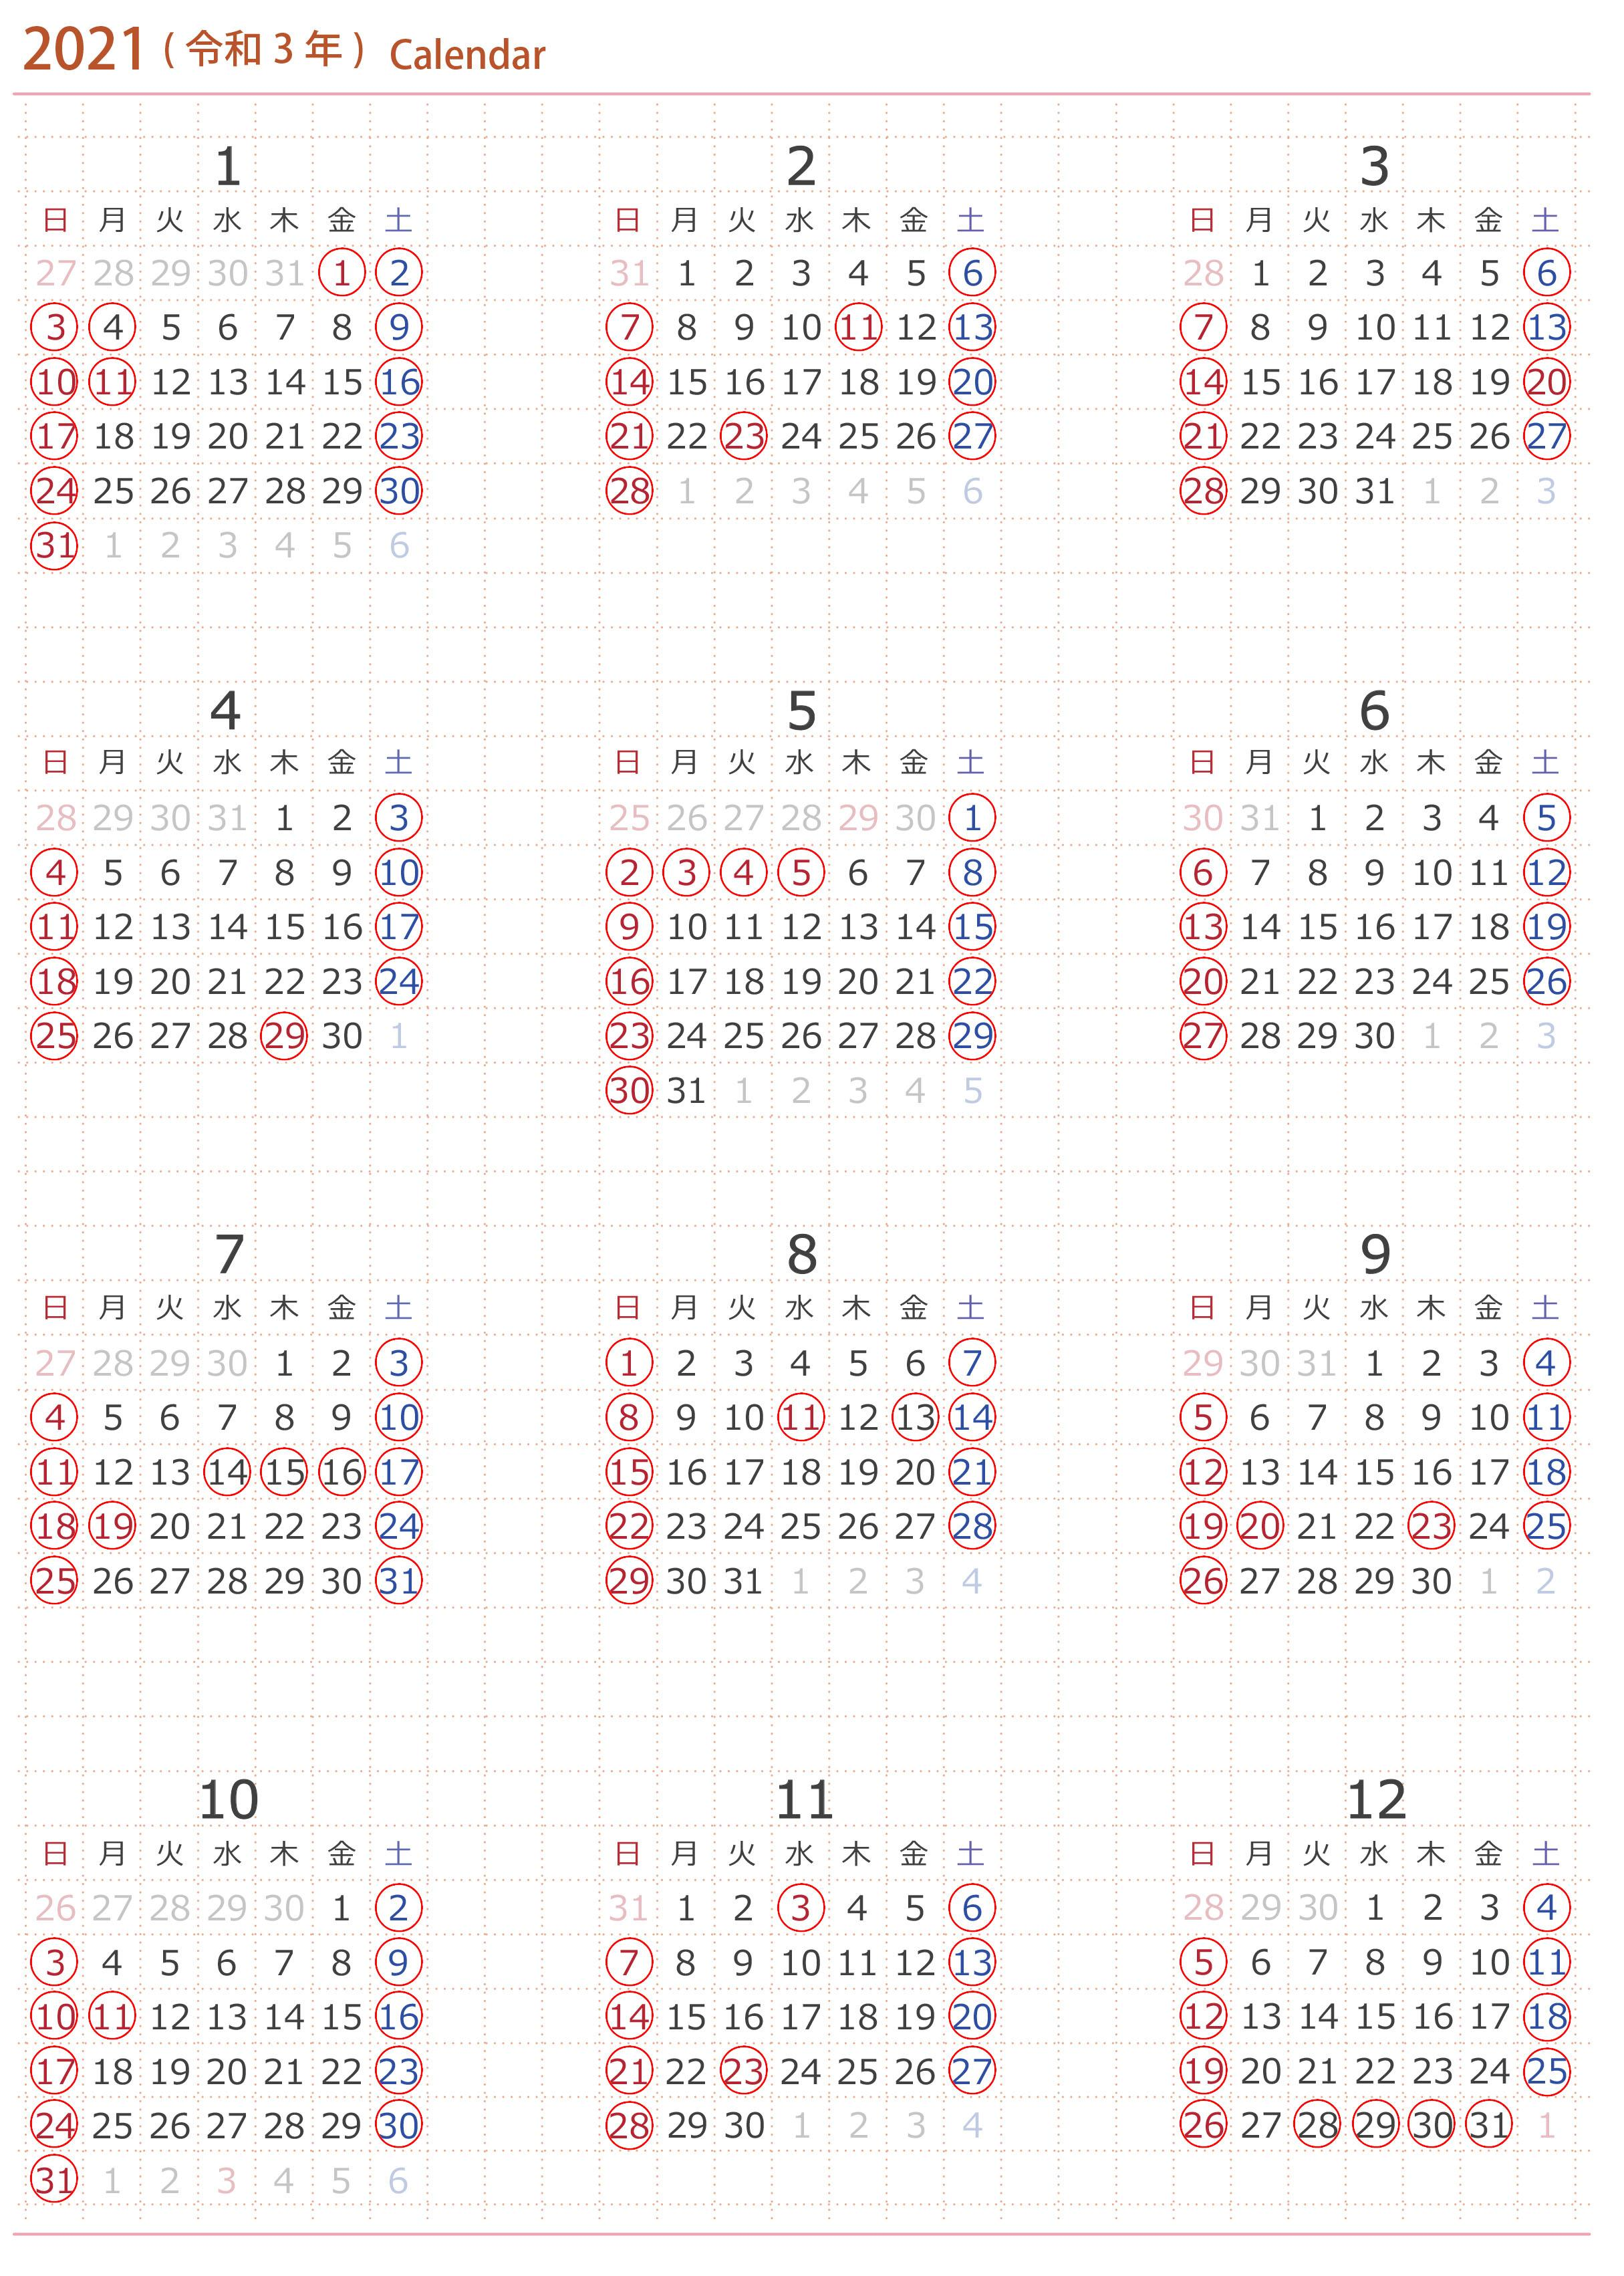 2021年度(令和3年)の営業日カレンダー calendar